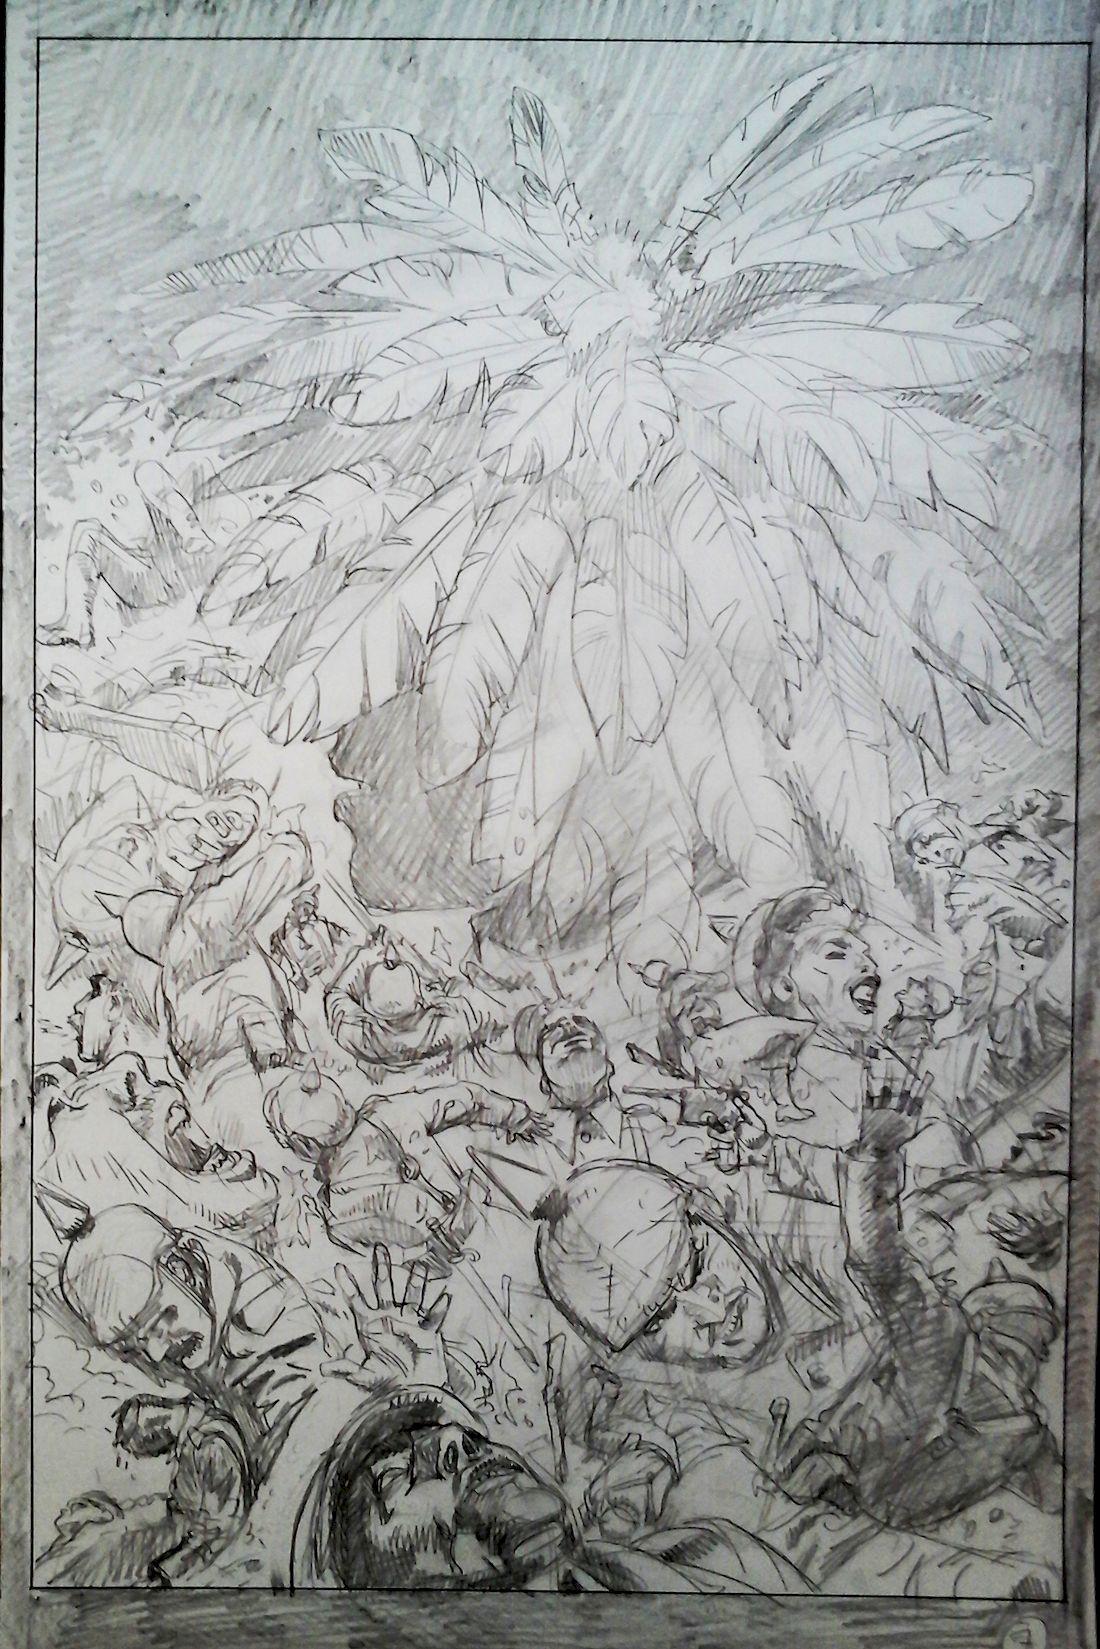 La ballade du soldat Odawaa, crayonné de la page 9 © Rossi / Apikian